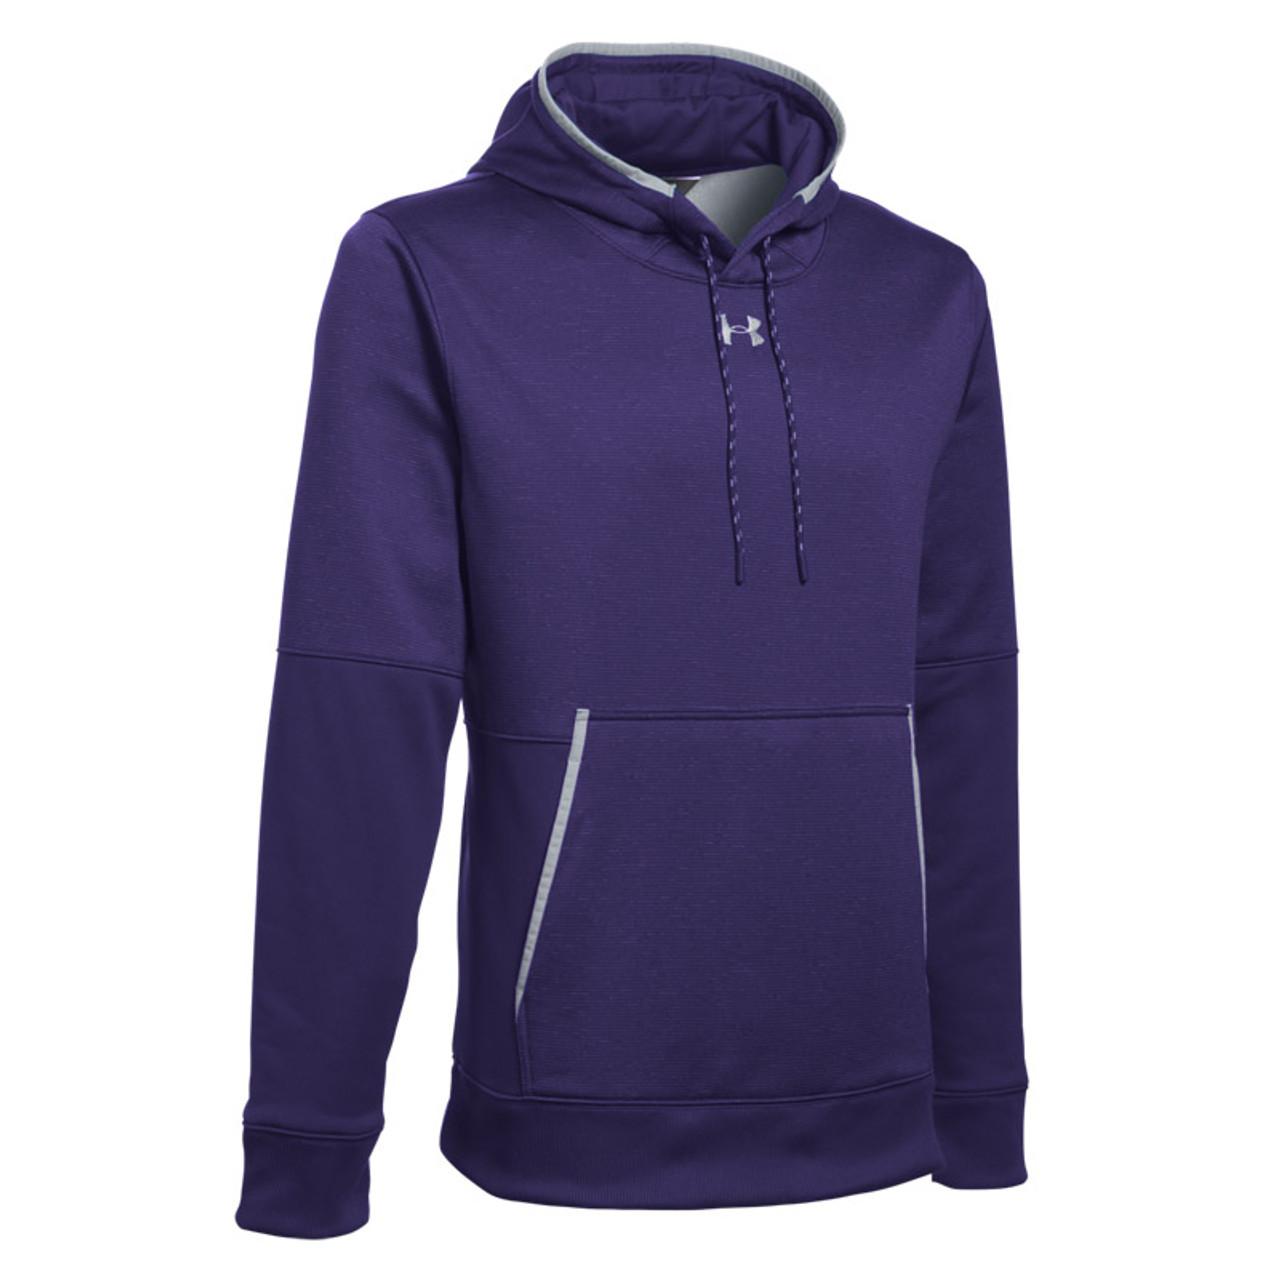 Men's Fleece Under Textured Armour Hoody lF1JcTK